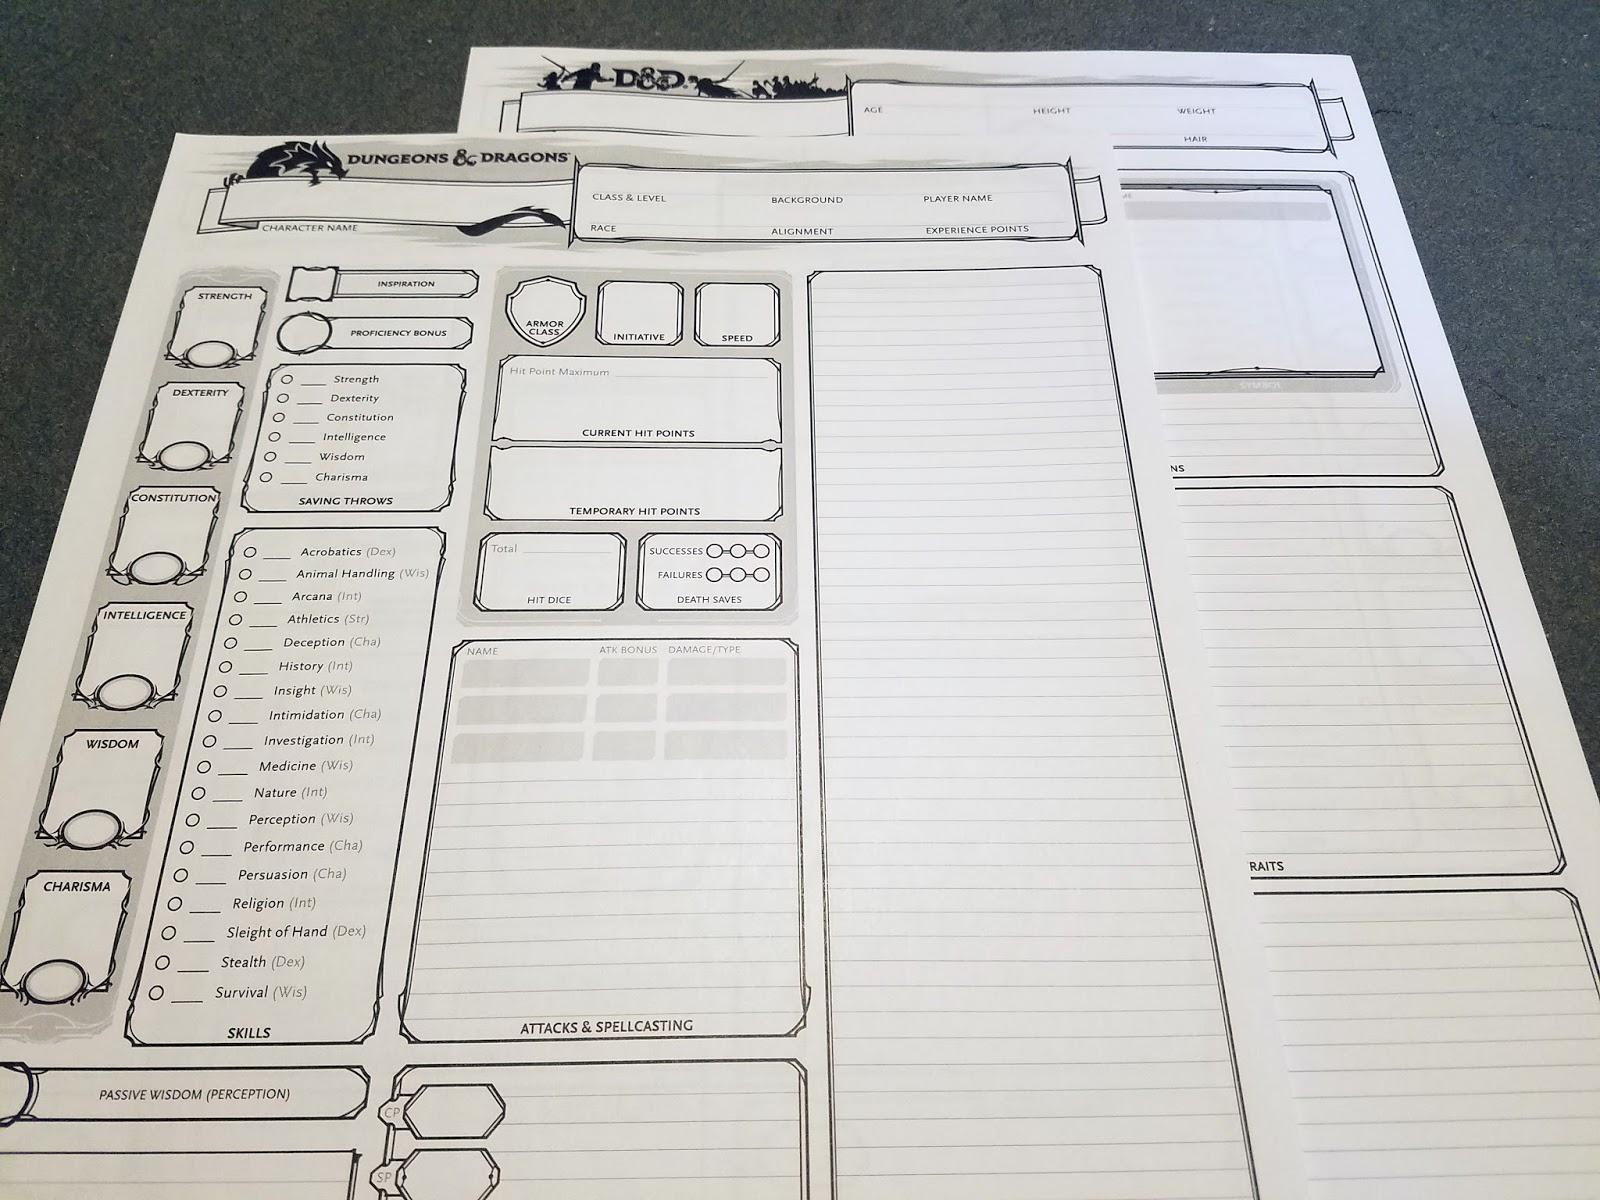 Ultanya: Review: D&D Character Sheets